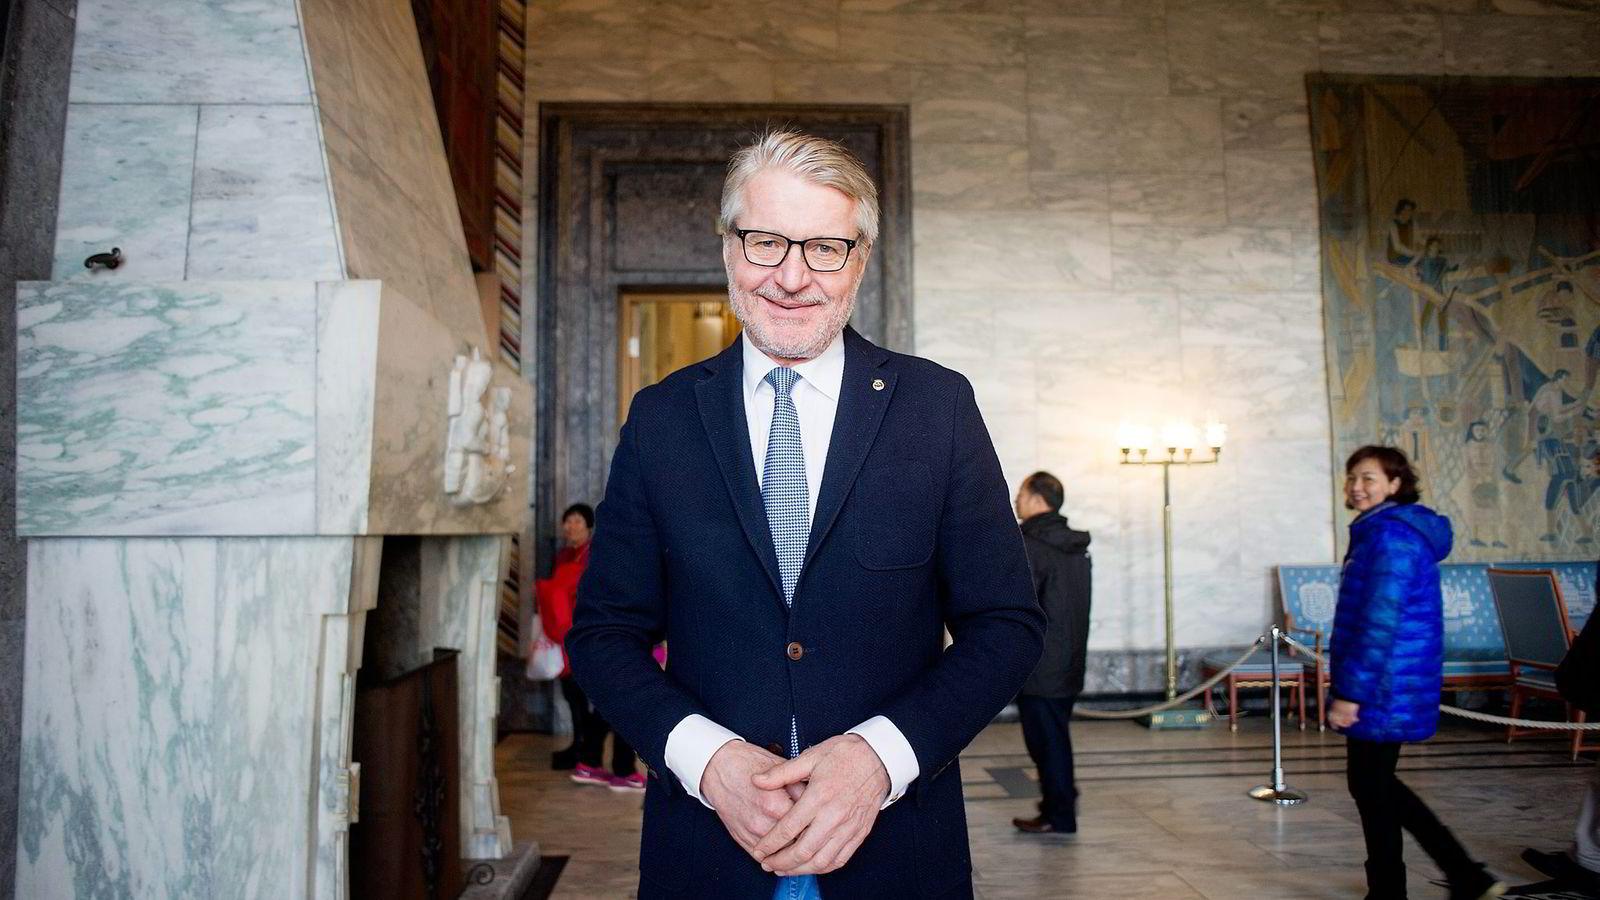 Tidligere Oslo-ordfører Fabian Stang (H) blir statssekretær i Innvandrings- og integreringsdepartementet.